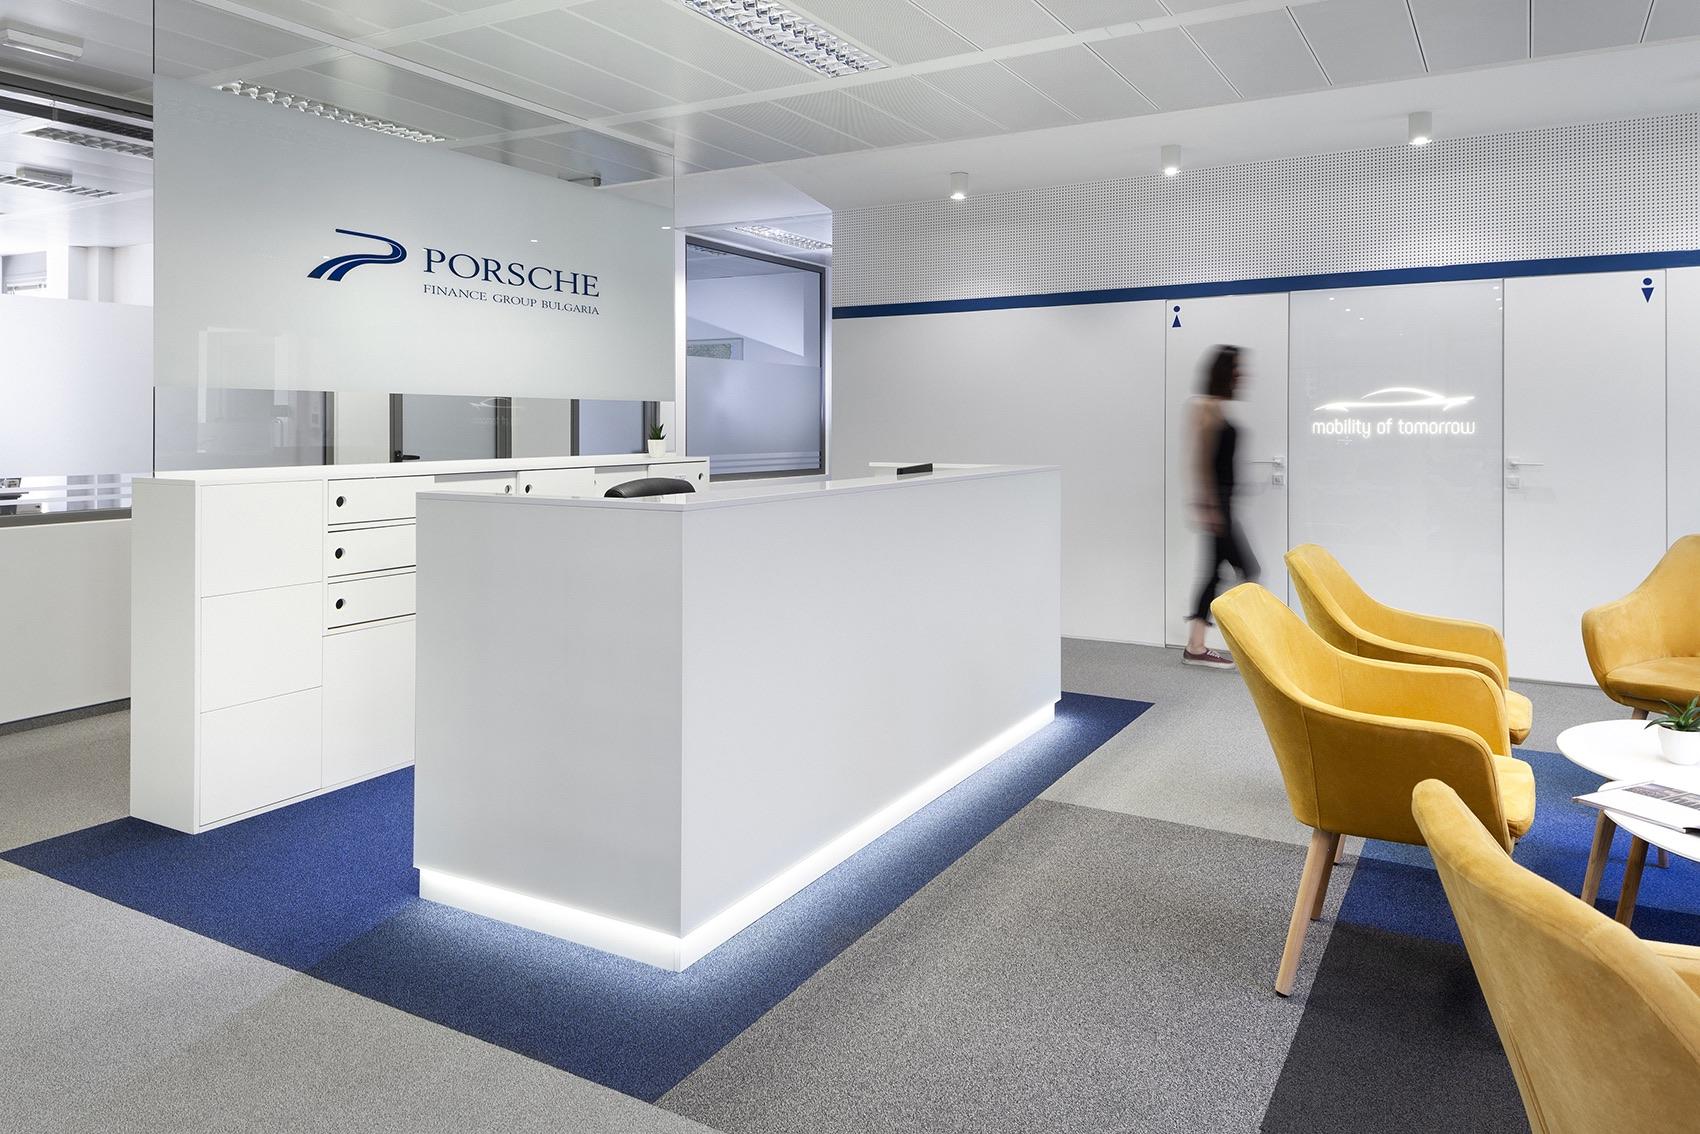 porsche-finance-group-office-3